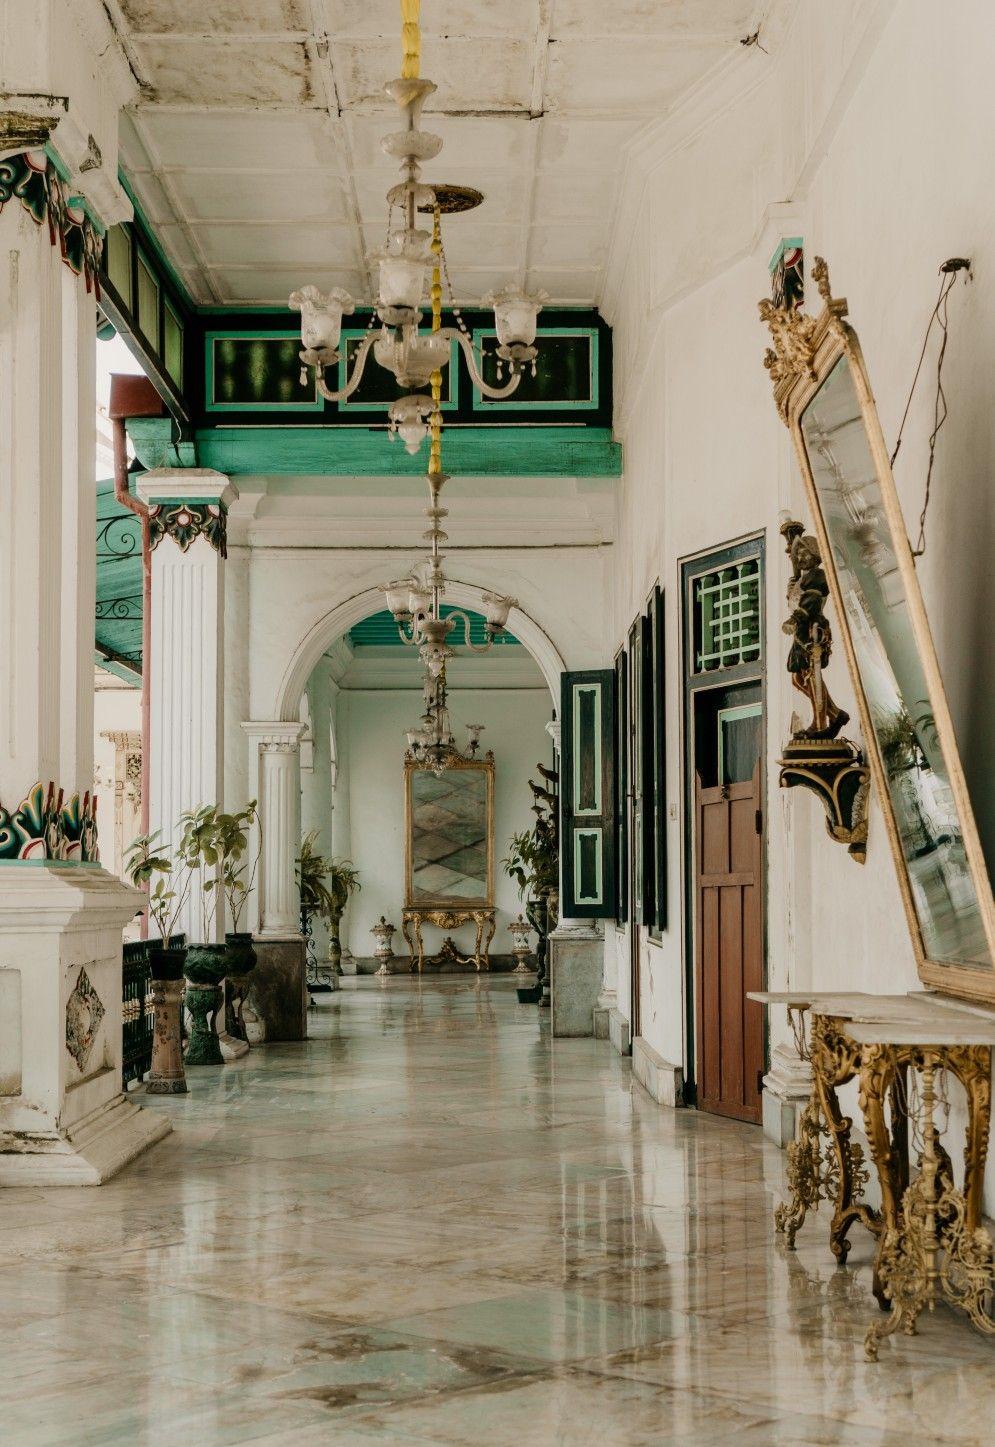 keraton yogyakarta  fotografi perjalanan gambar kota